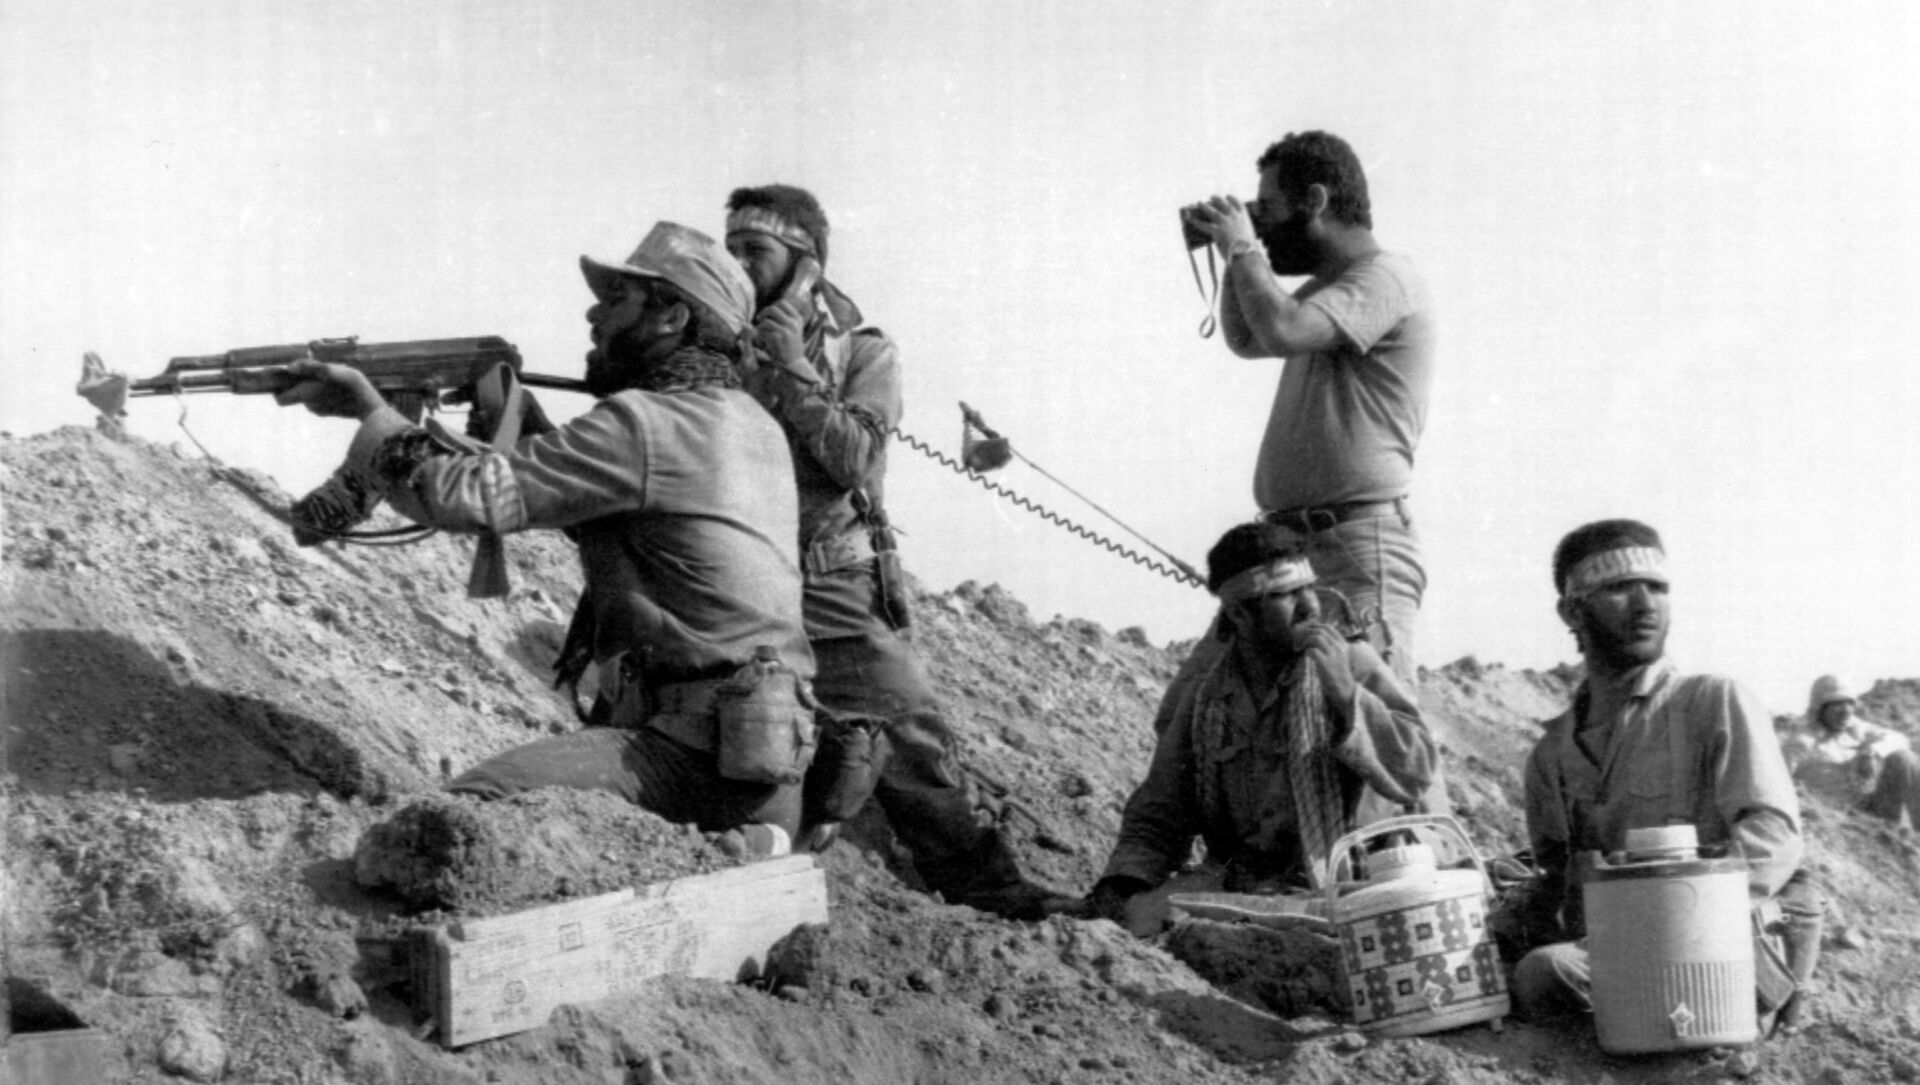 Soldados iraníes durante la guerra con Irak - Sputnik Mundo, 1920, 22.09.2020